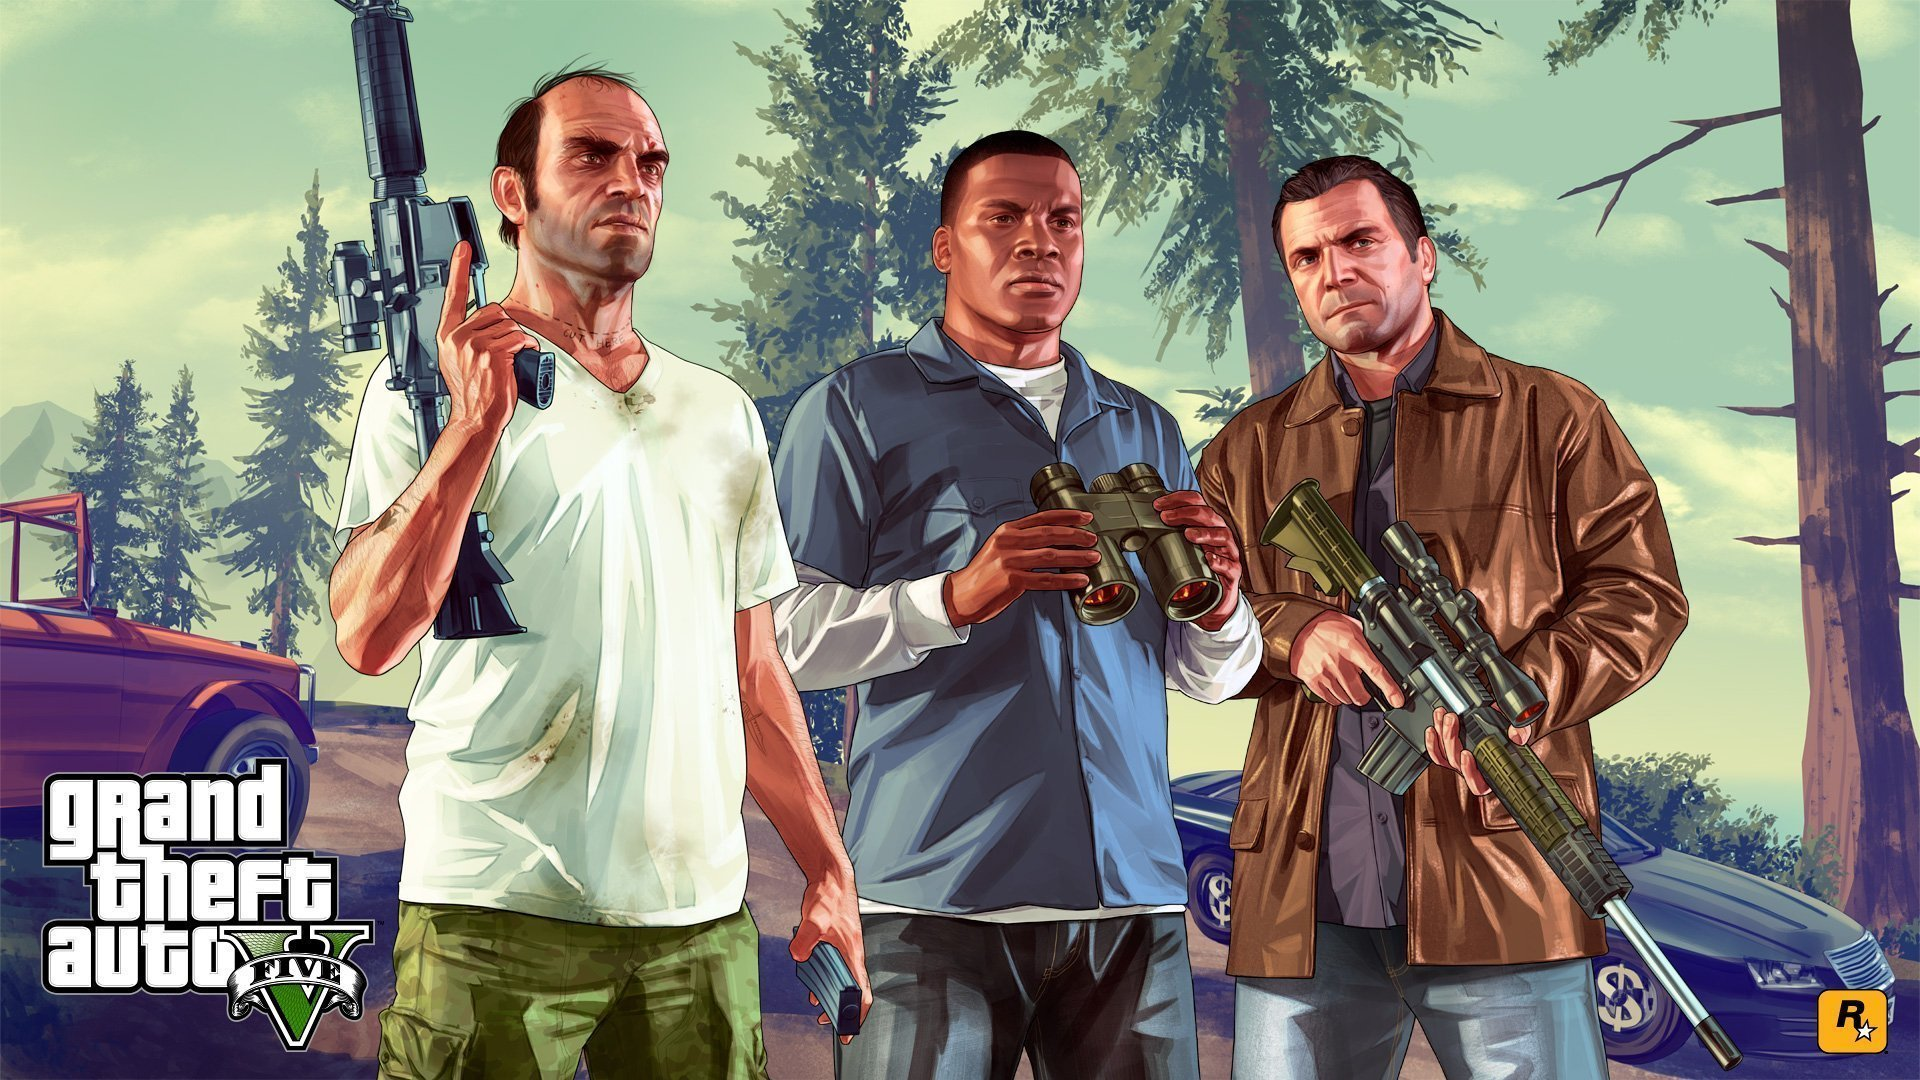 Psicopatía, violencia y Grand Theft Auto